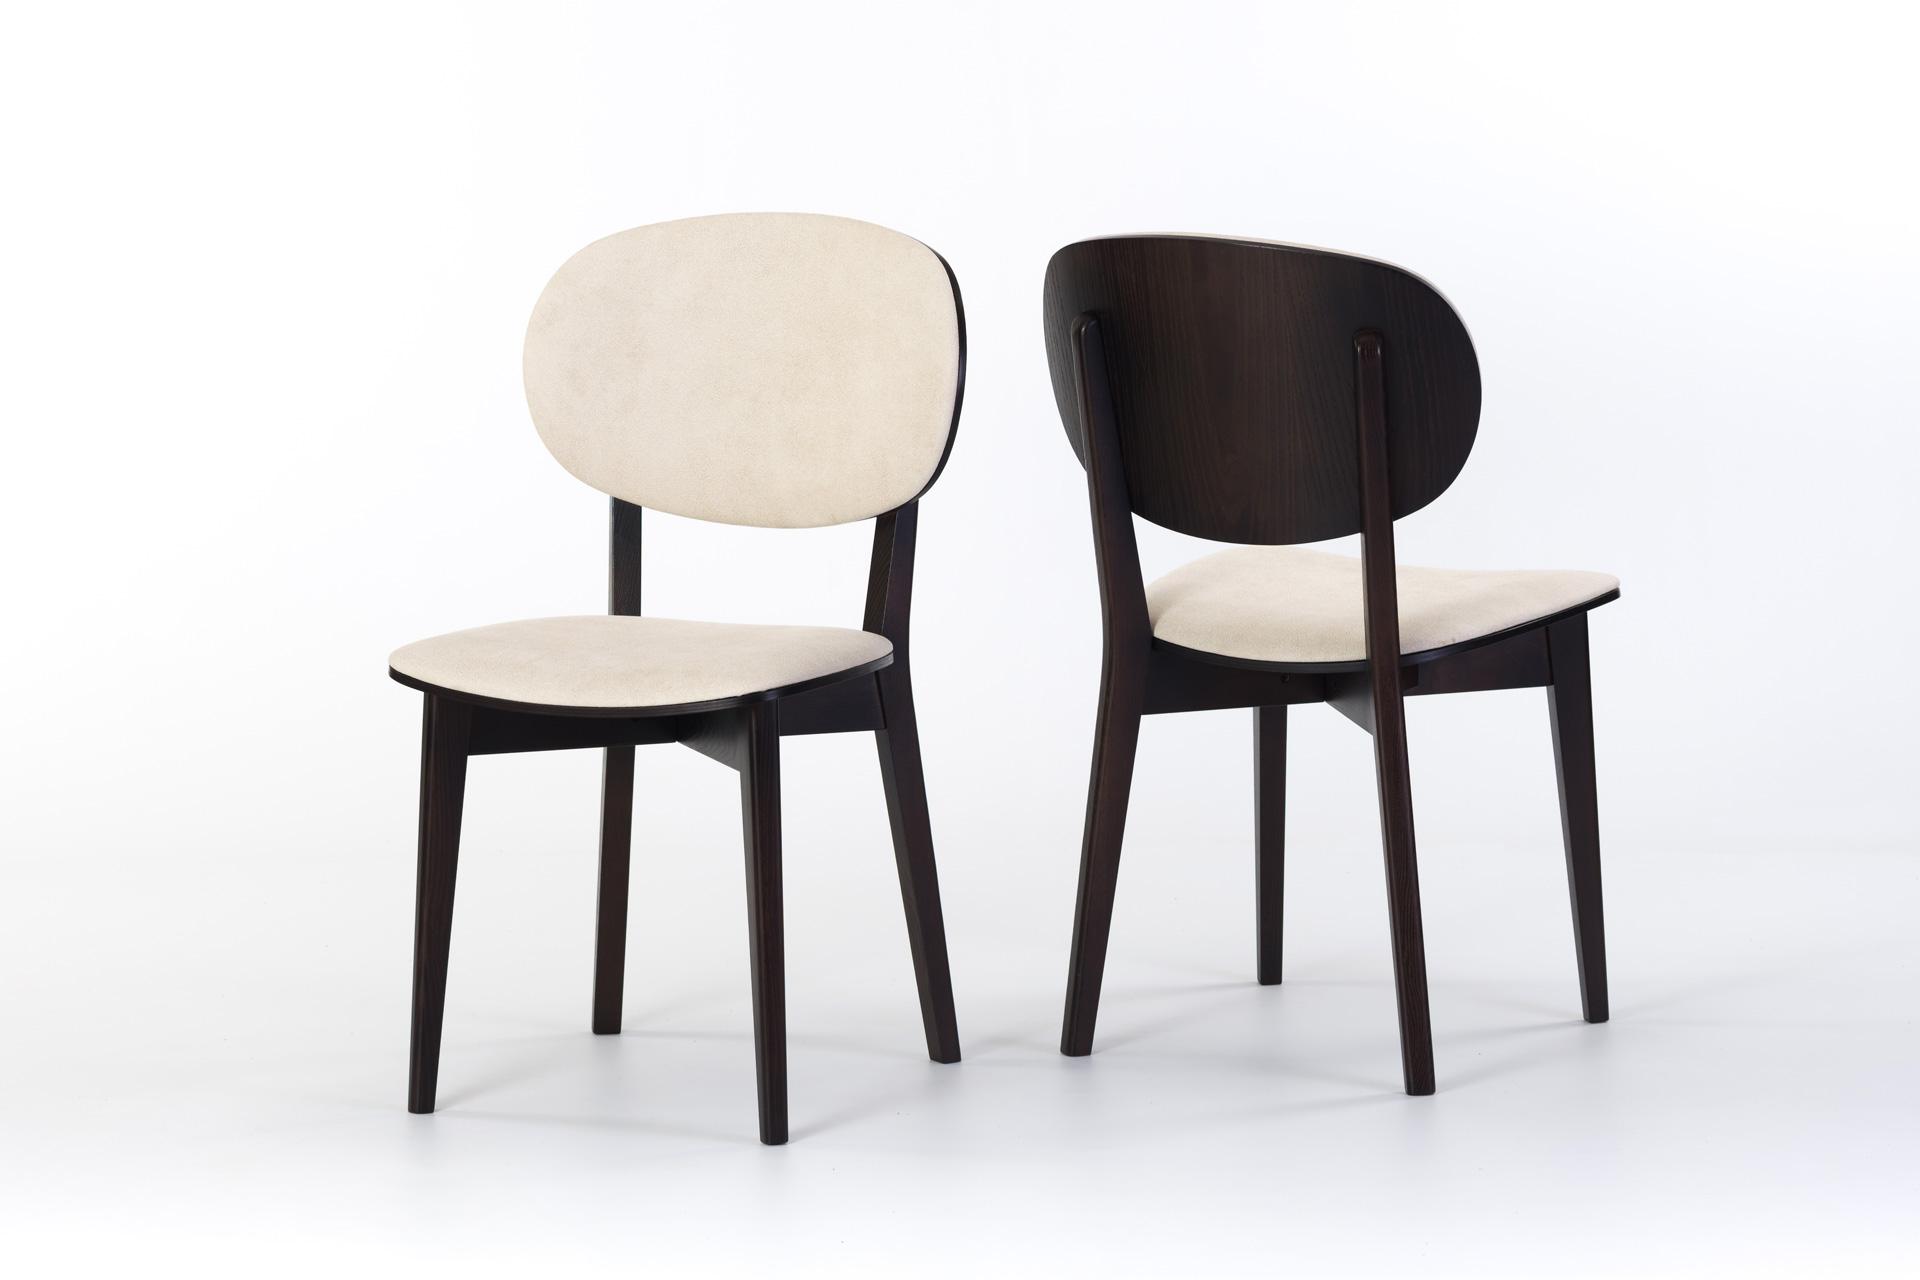 Кухонный стул от производителя • OLEKSENKO Столы и Стулья •